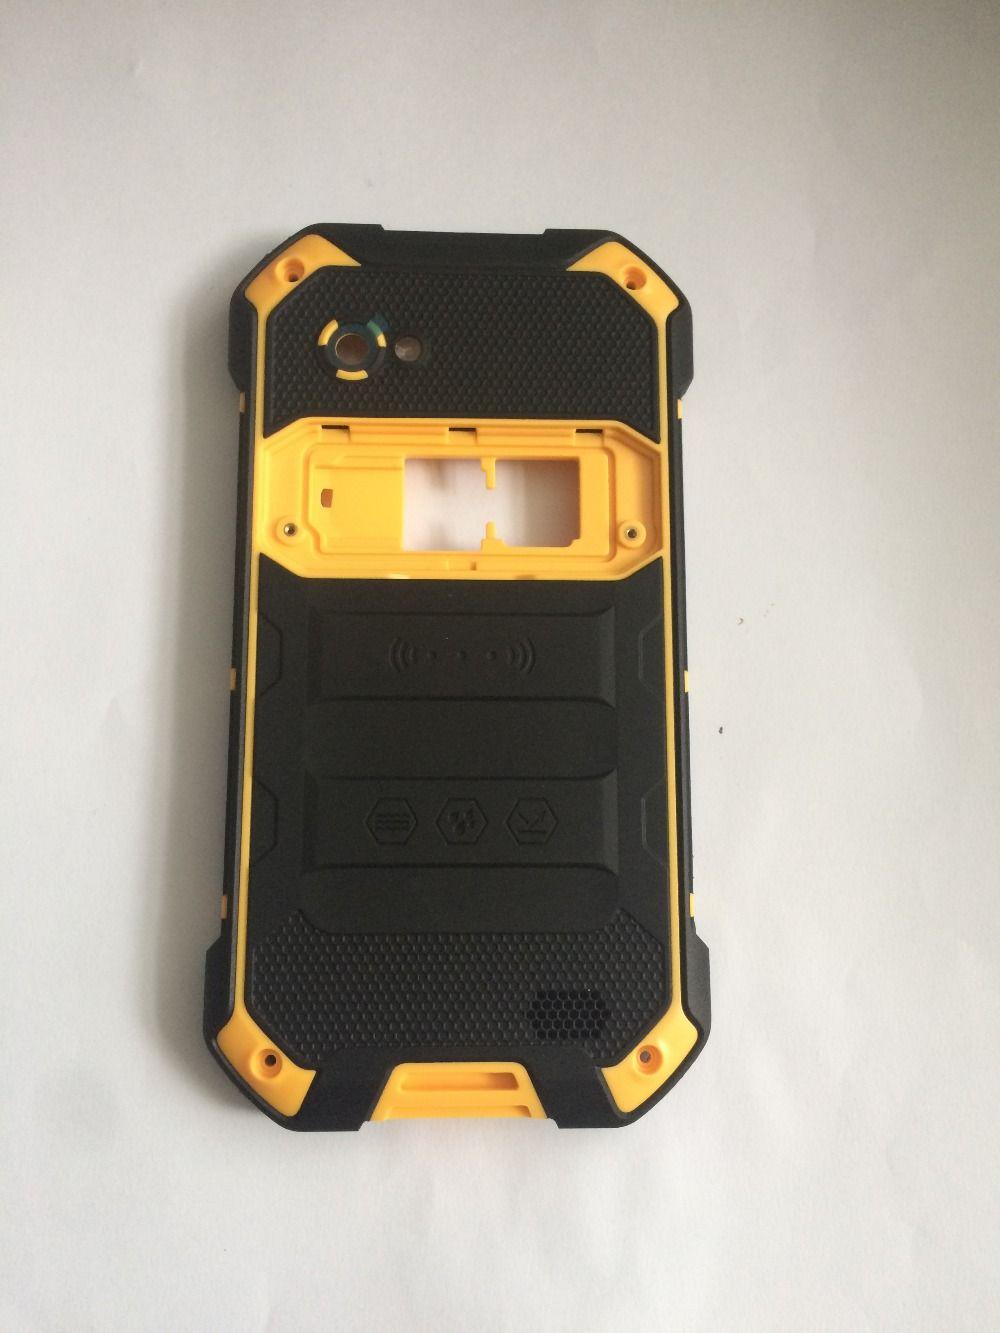 Nouveau Blackview BV6000 Batterie De Couverture Arrière de Shell + Haut-Parleur Pour Blackview BV6000S Téléphone Livraison gratuite + numéro de suivi